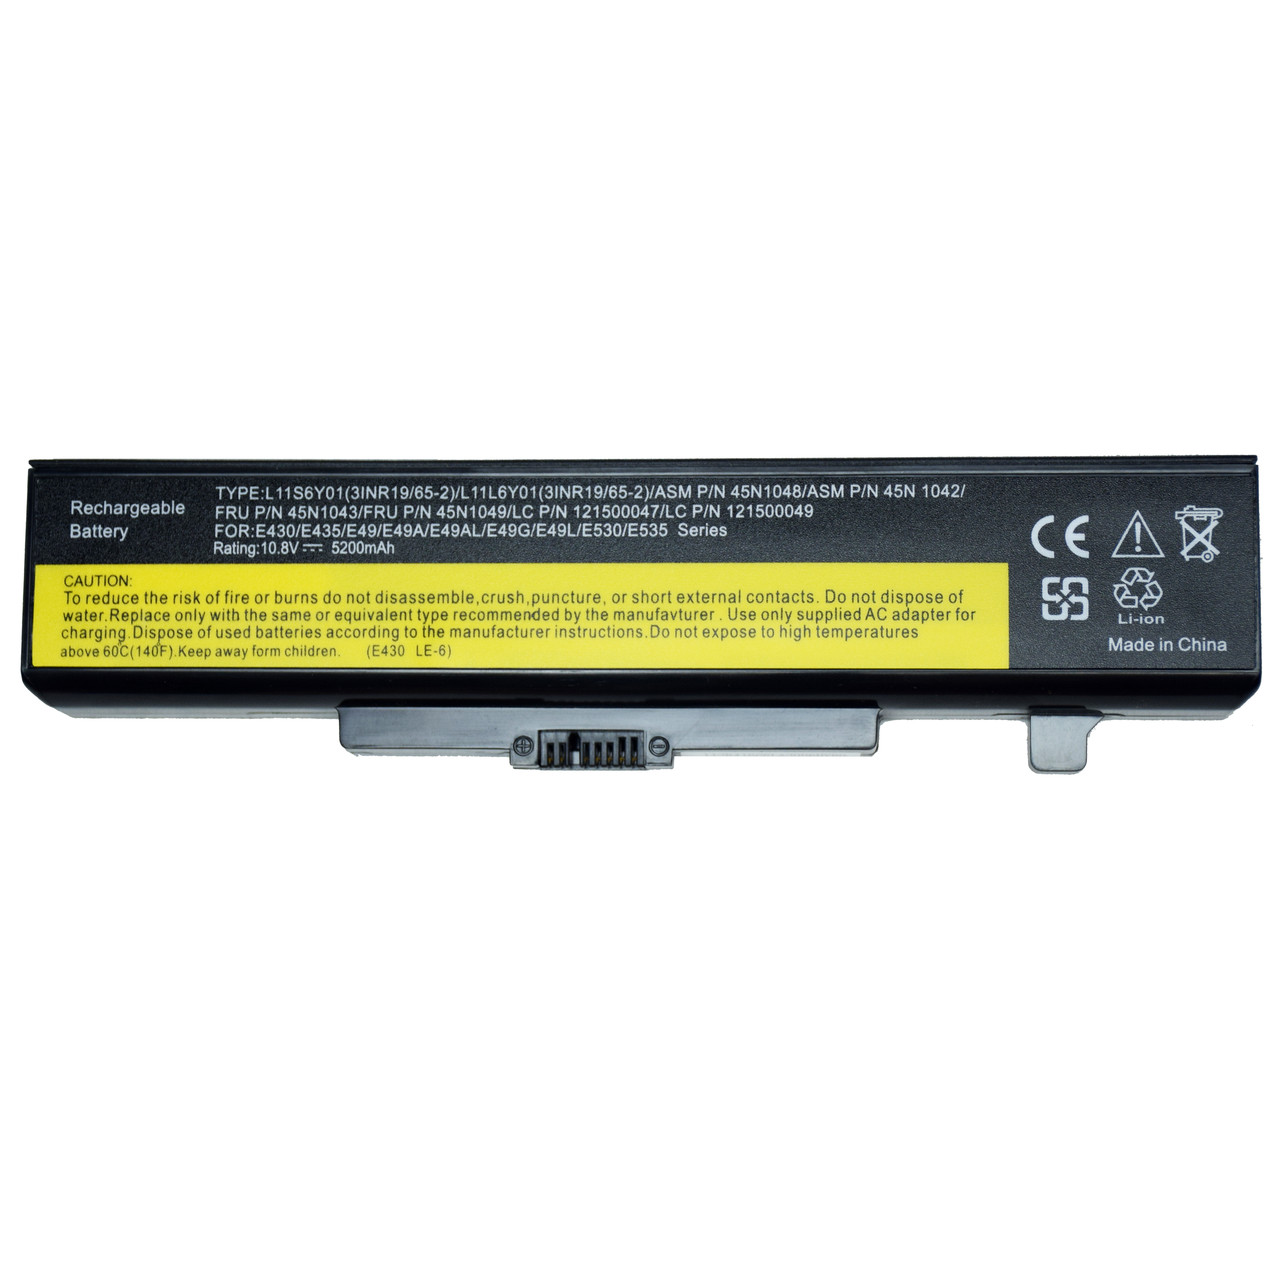 Аккумулятор батарея LENOVO 121500051 121500052 121500053 L11L6F01 L11L6R01 L11M6Y01 L11N6R01 L11N6Y01 L11P6R01